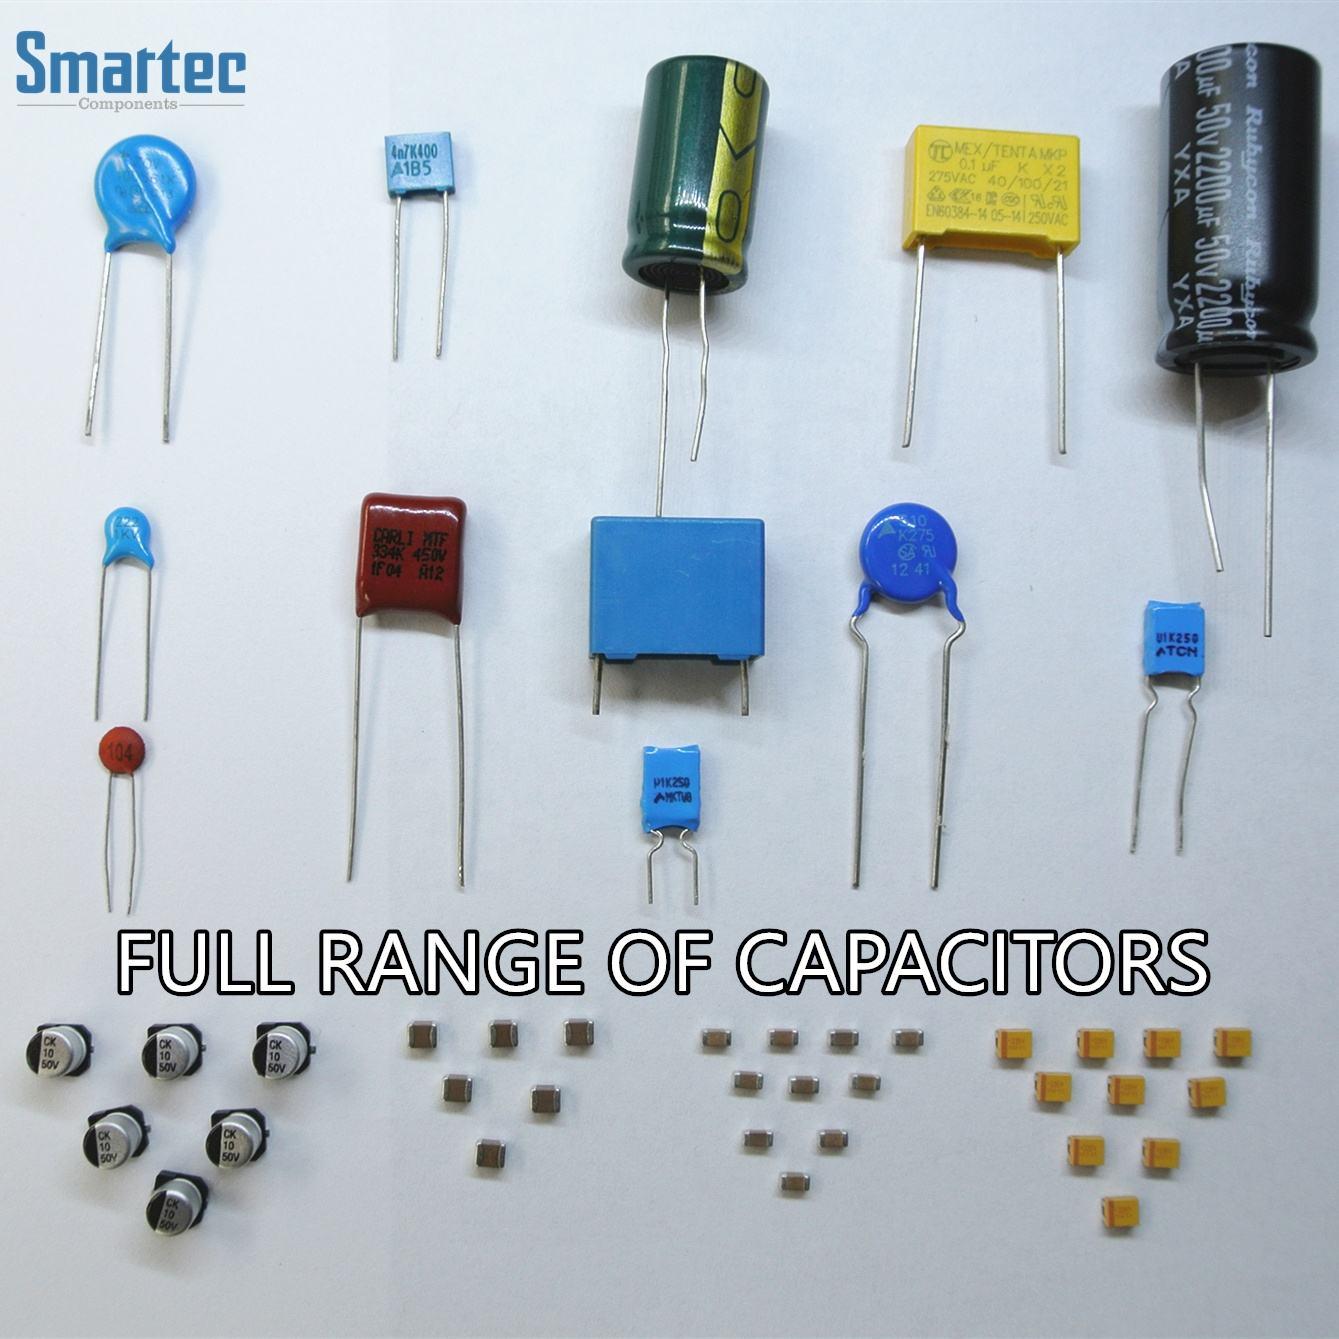 0805 Capacitor SMD 100V 250V 1NF-100NF 10/% SMT Surface Mount Chip Capacitors